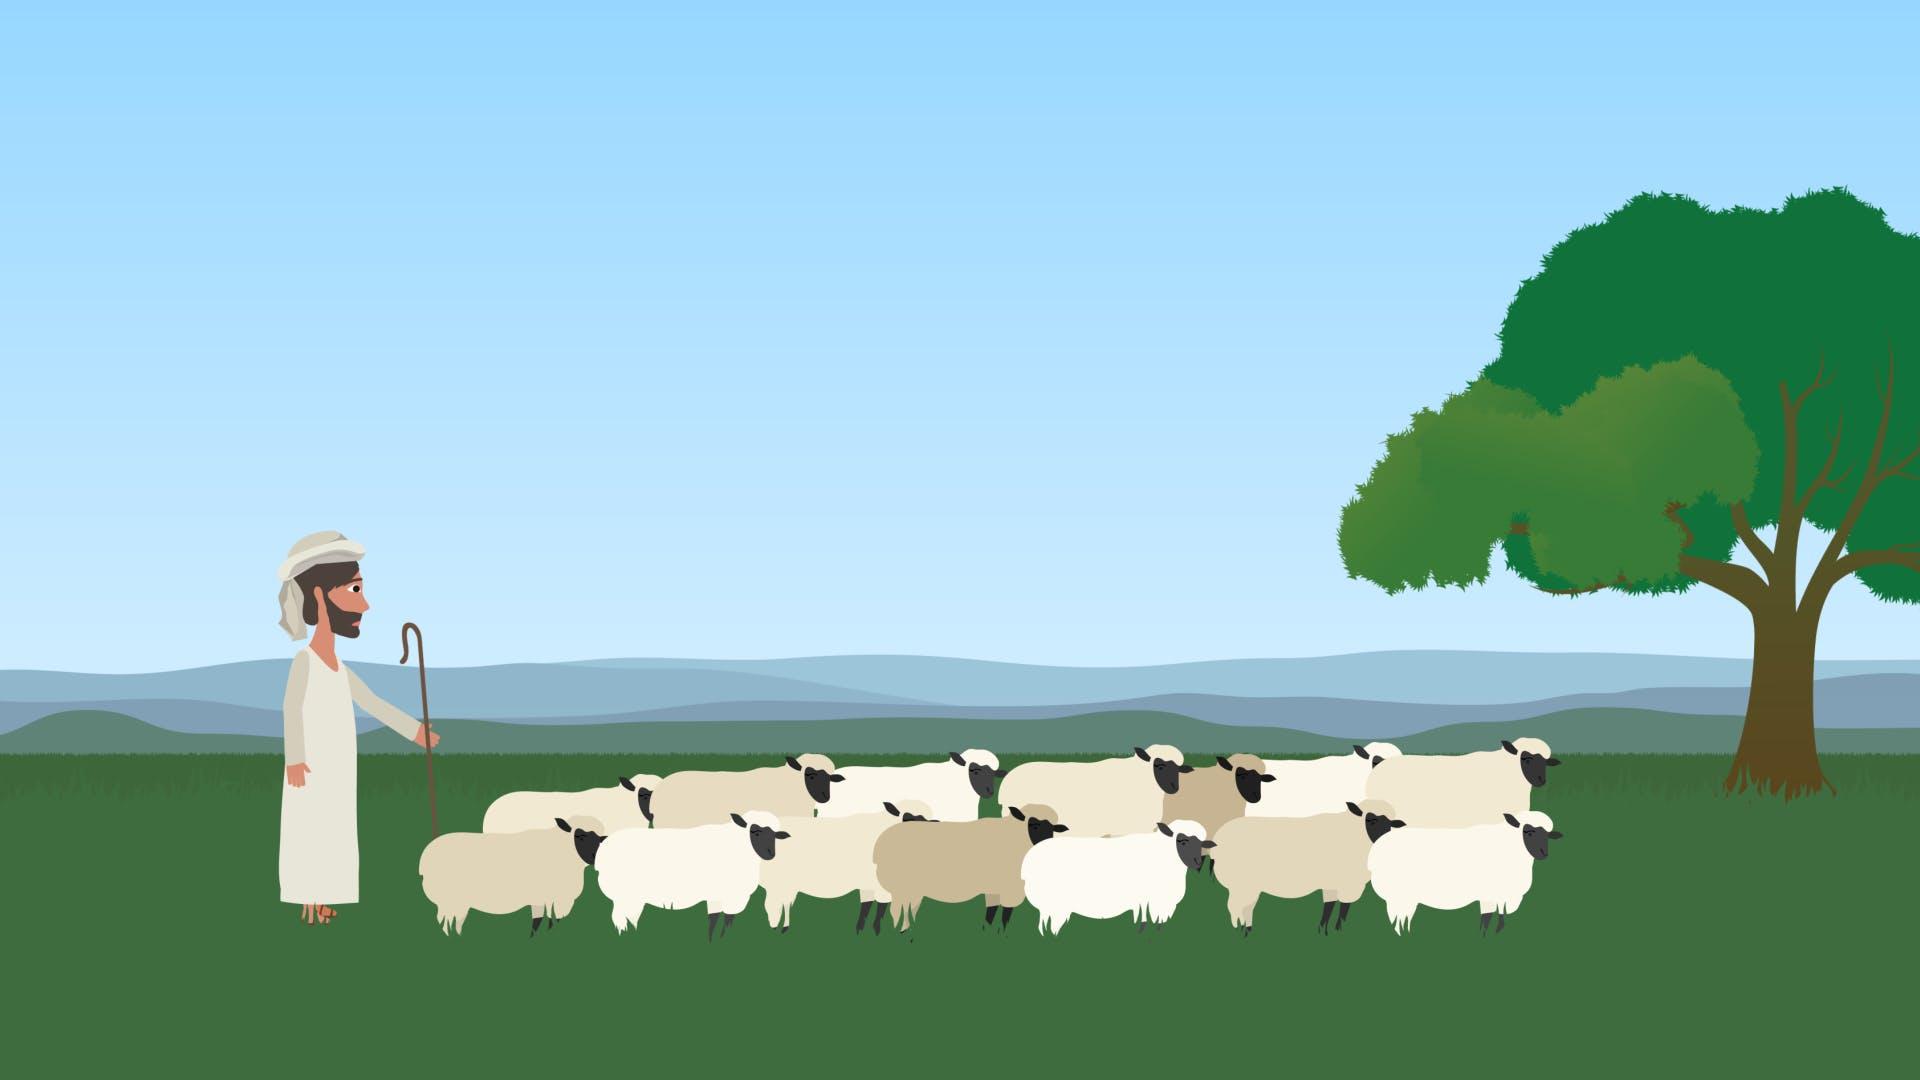 God is my shepherd meaning